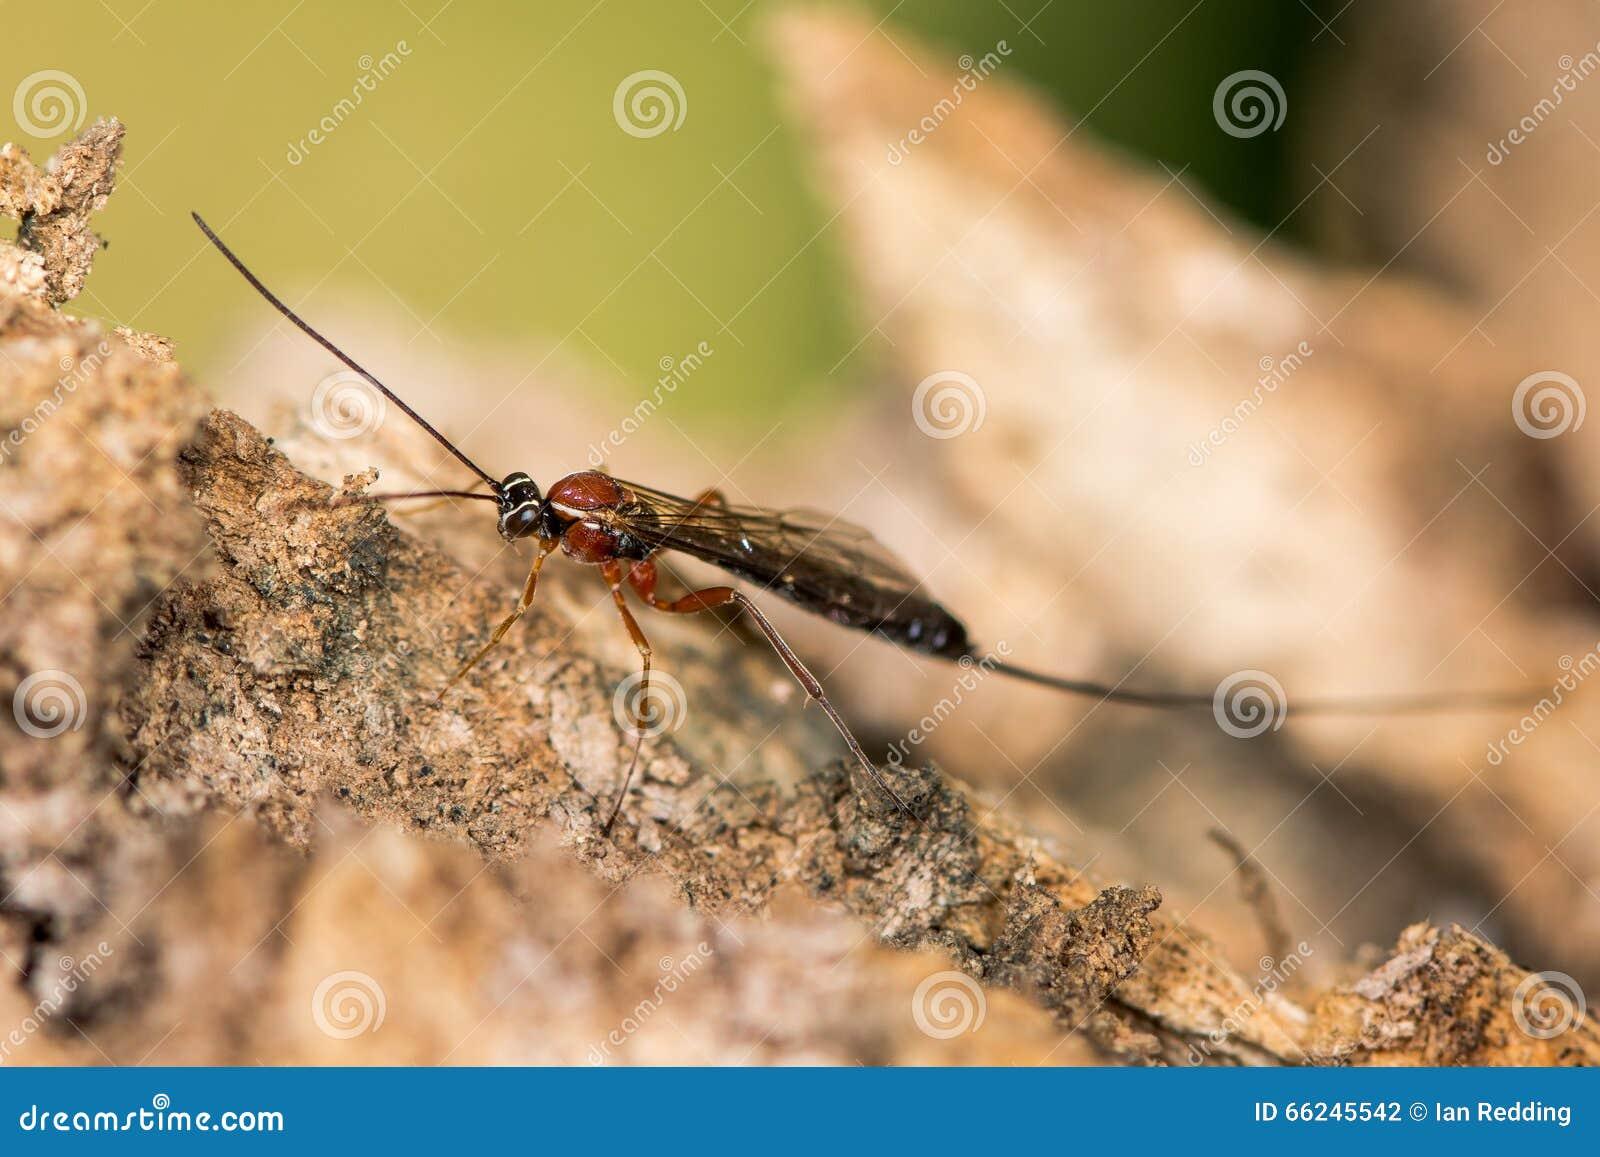 perithous与长的产卵器的猫鼬黄蜂图片